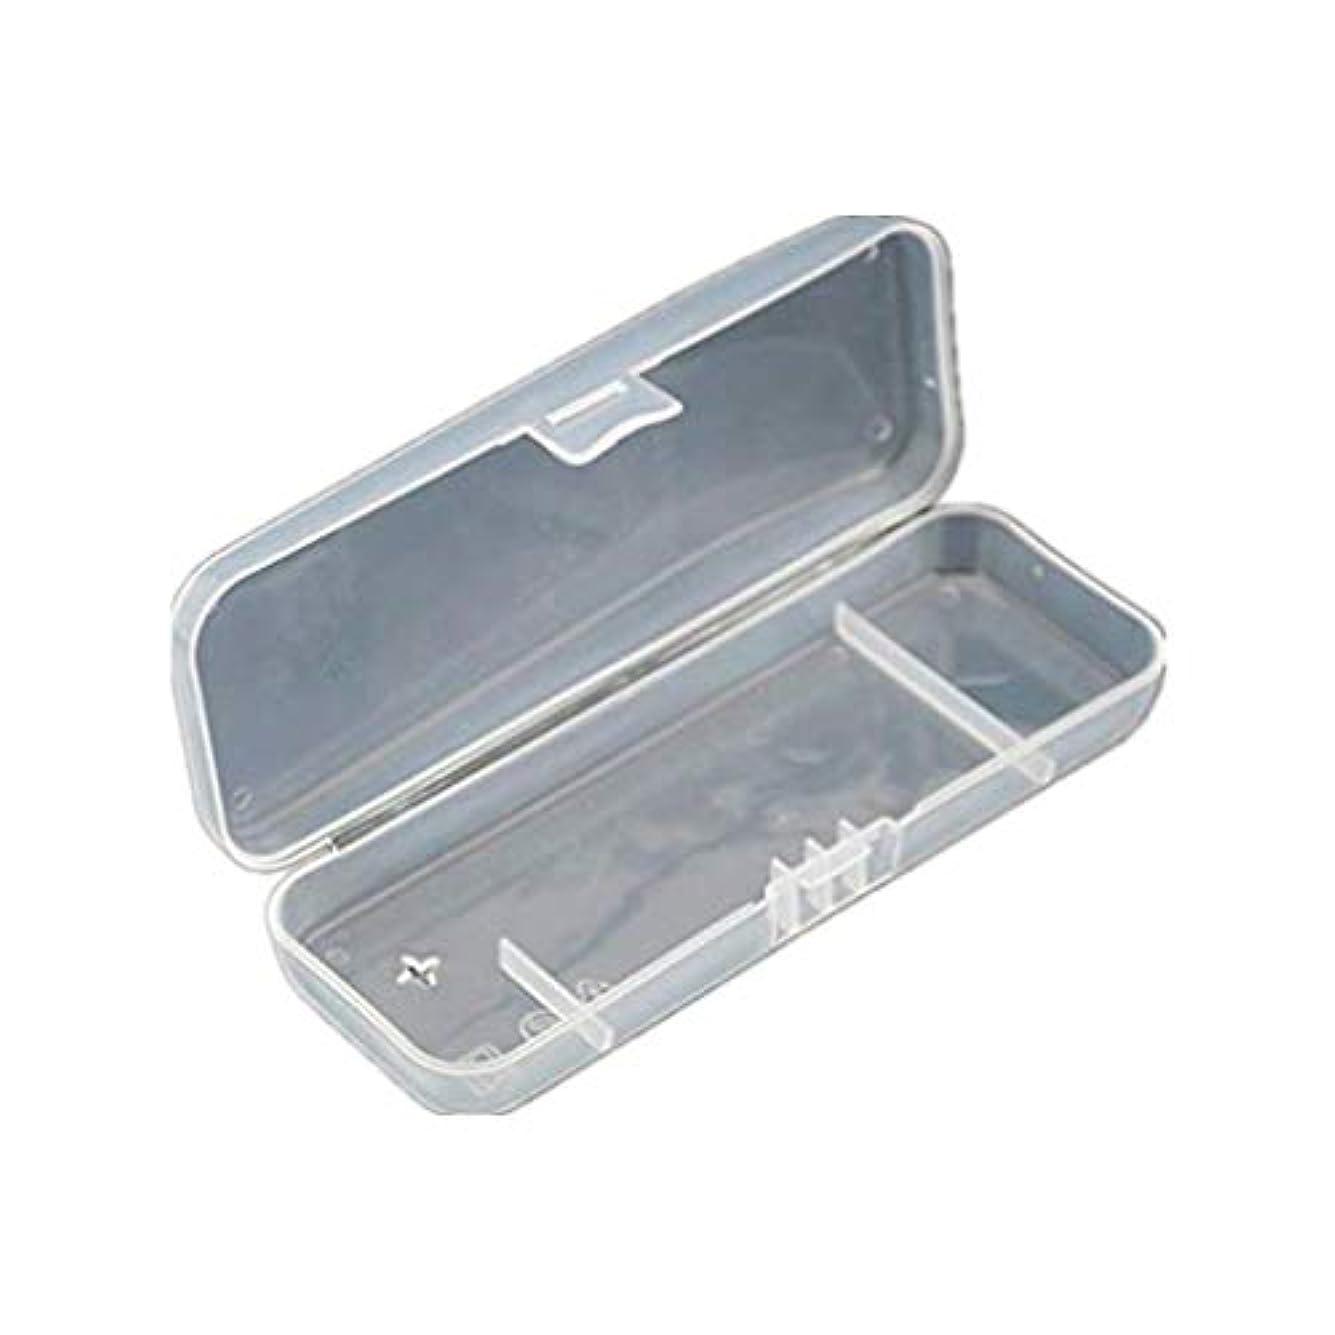 クレーターカプラー隔離する旅行のためのポータブルトラベルABSカバーマニュアルレイザー保護透明ボックスホルダーカバー男性シェービングケース